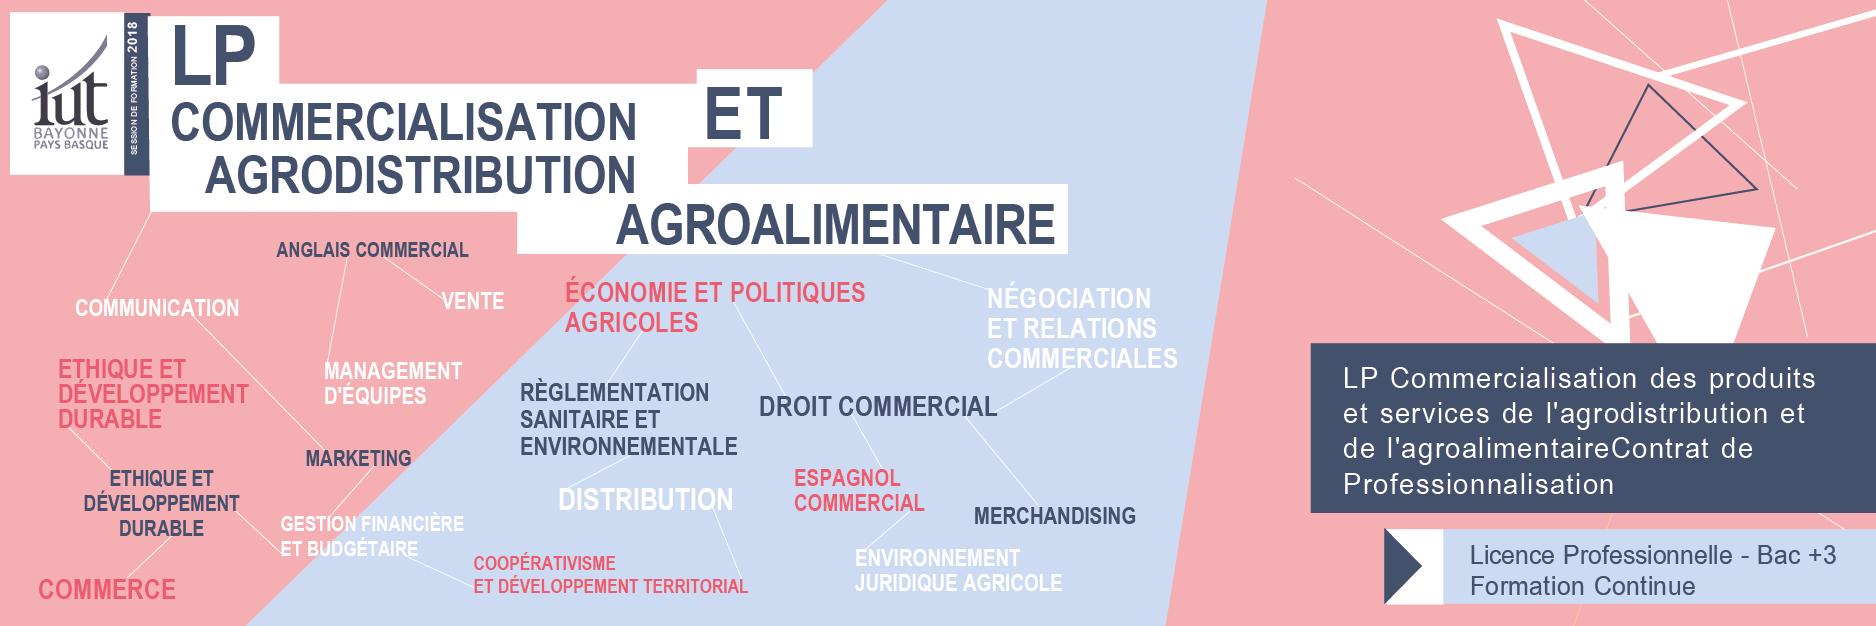 tc_lp_bandeau_commercialisation_agrodistribution_agroalimentaire_iut_bayonne_pays_basque_plan_de_travail_1